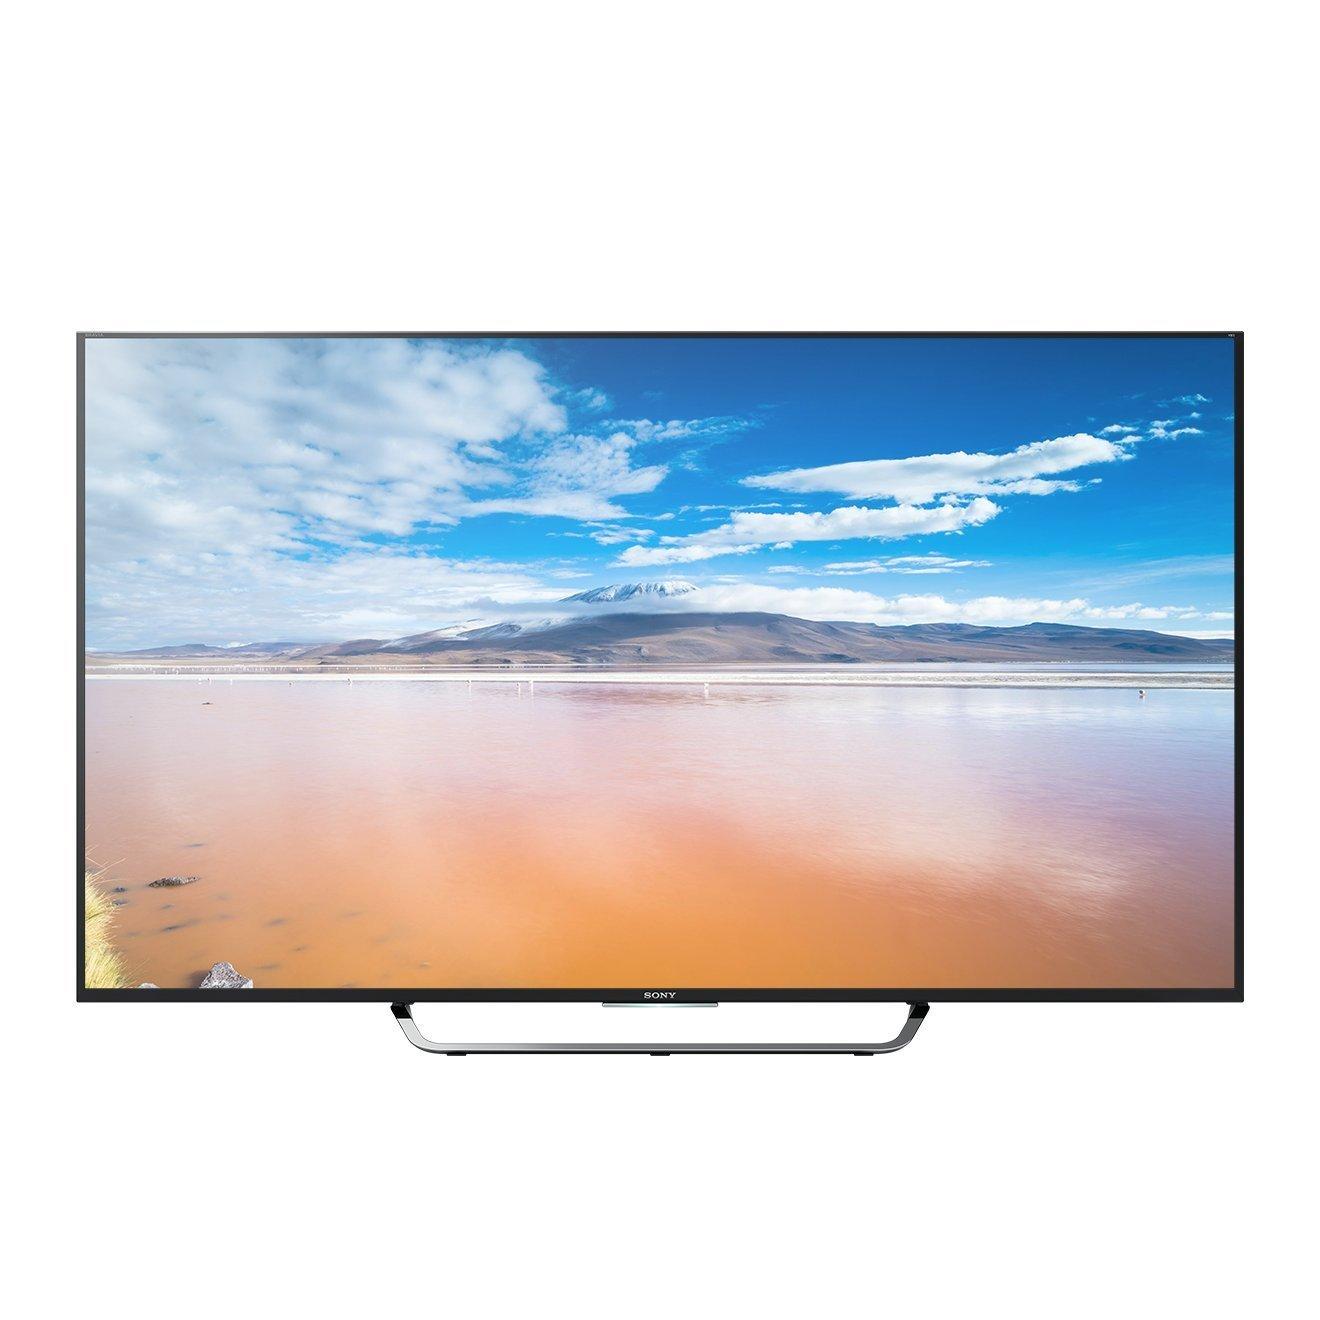 Sony kd65x8509C